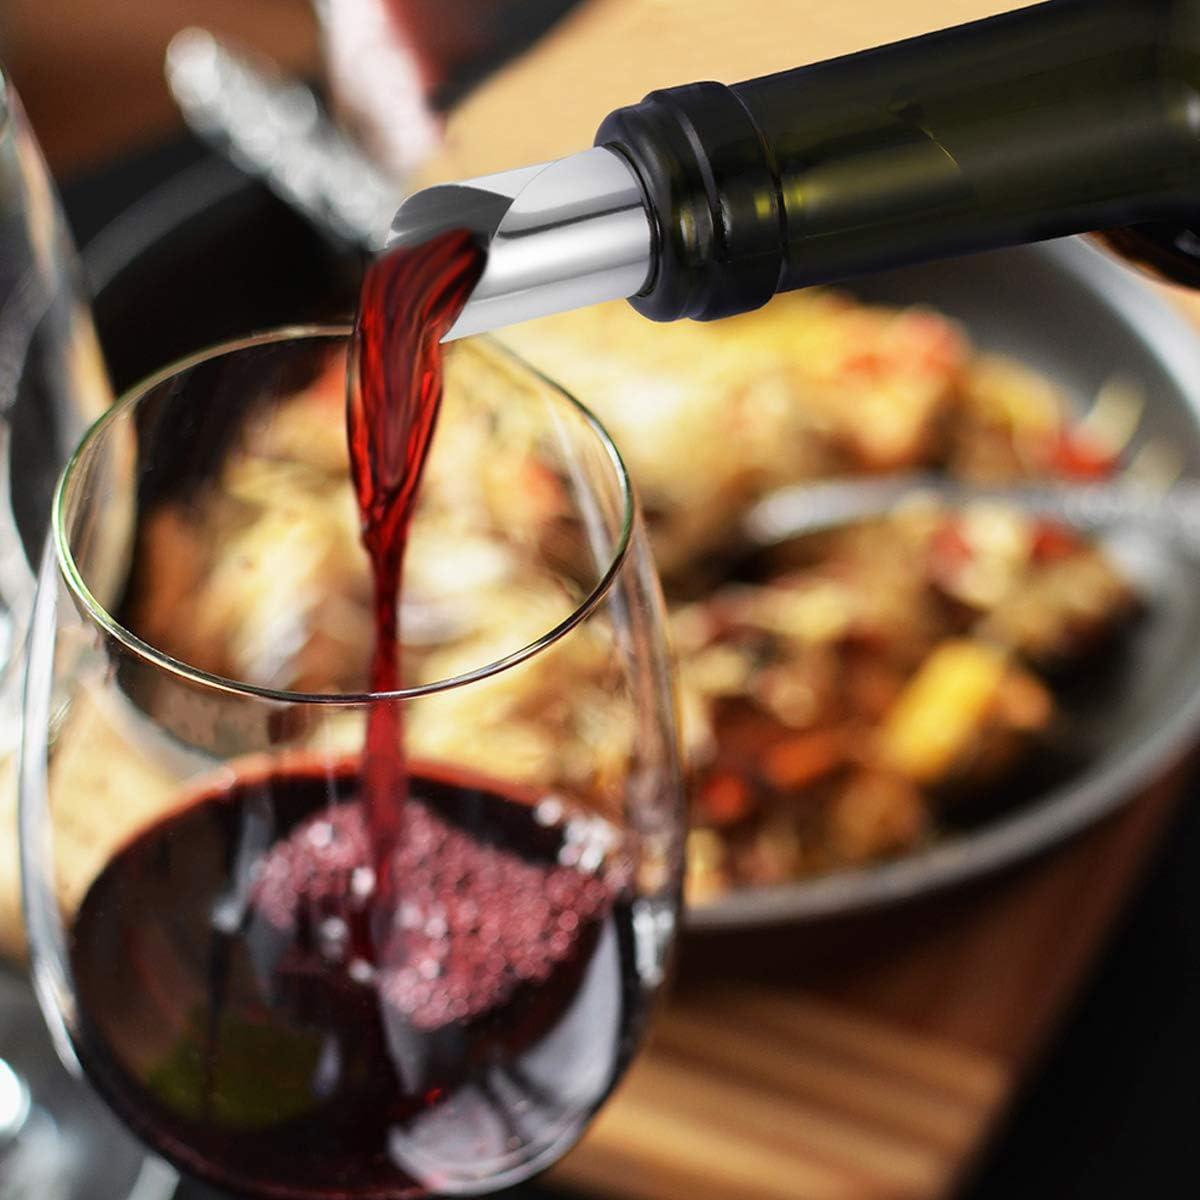 BESTONZON Weinausgie/ßer aus Aluminiumfolie f/ür Rotwein Silber Tropfstopp Ausgie/ßer flexibel